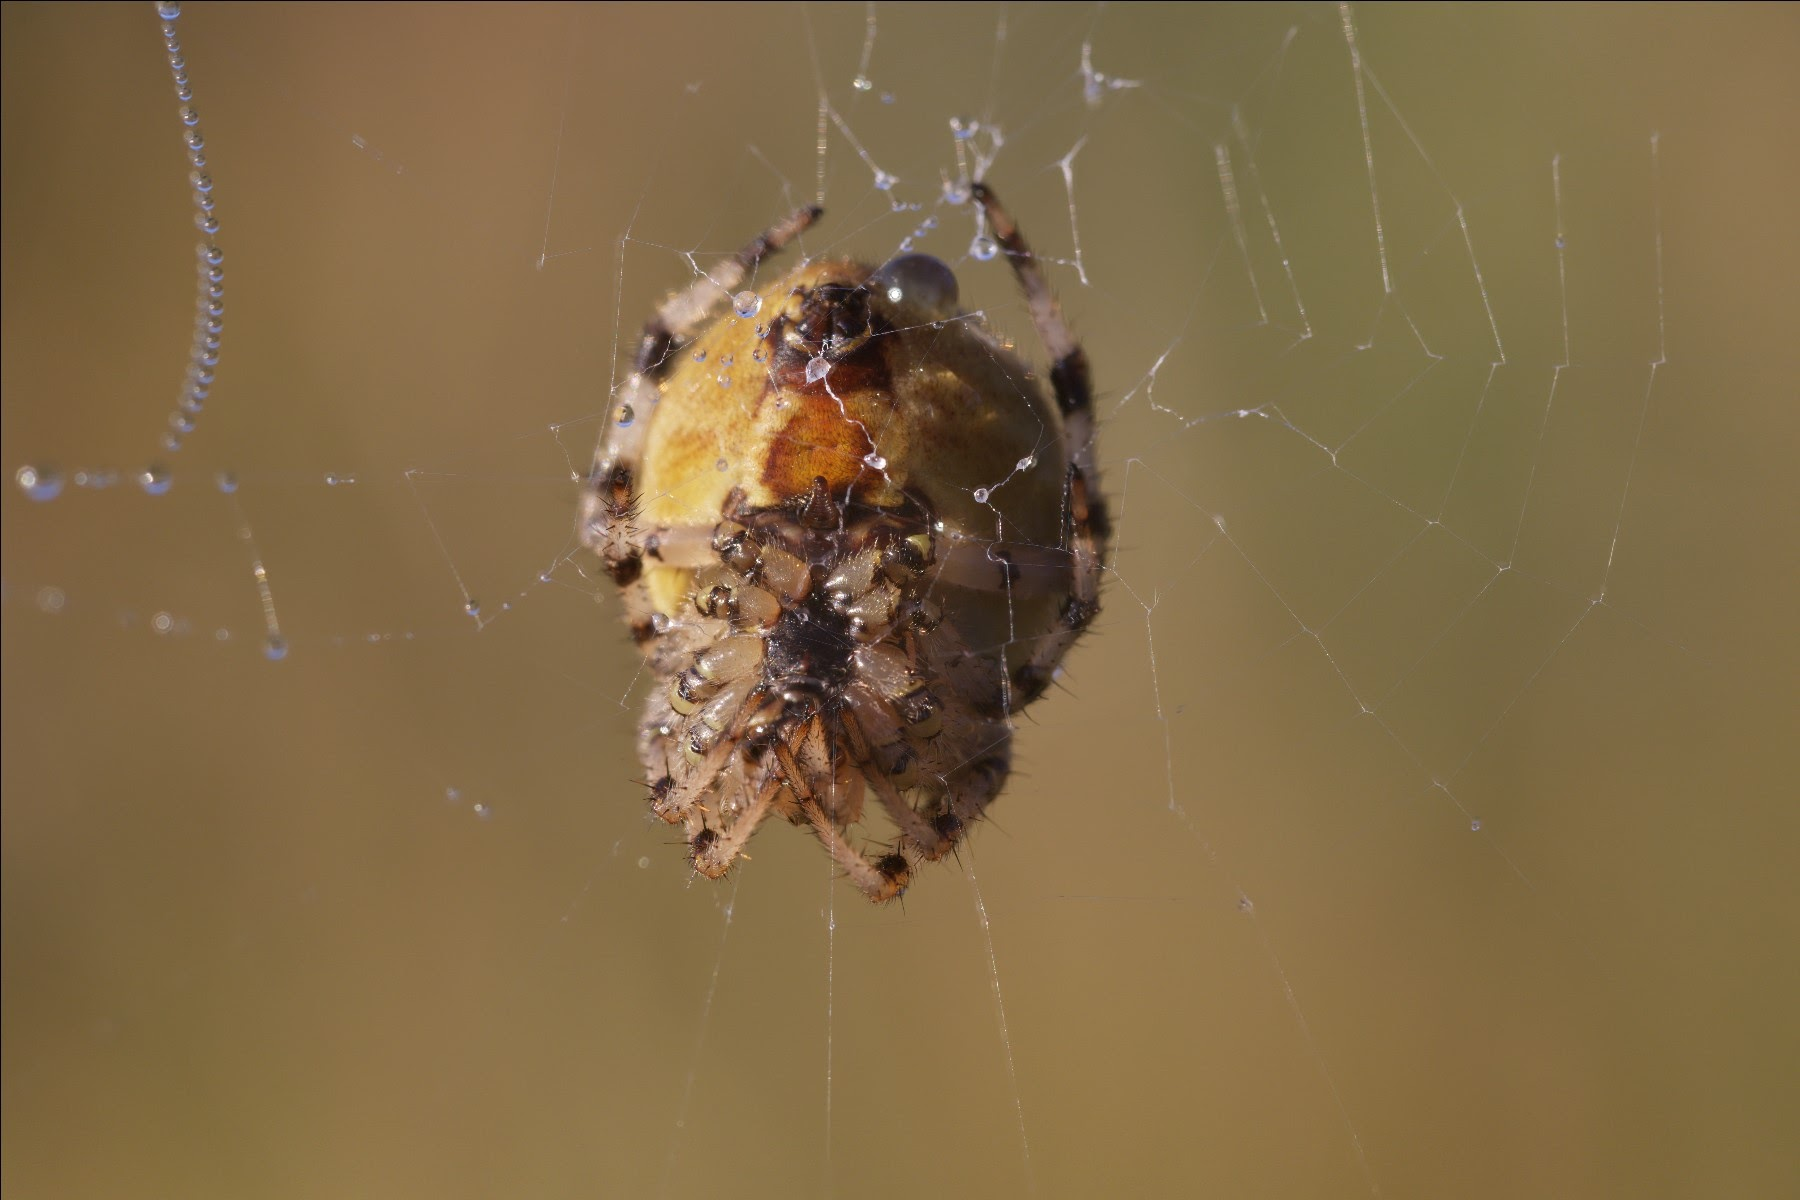 Sigma 105mm f/2.8 EX DG Macro, European garden spider